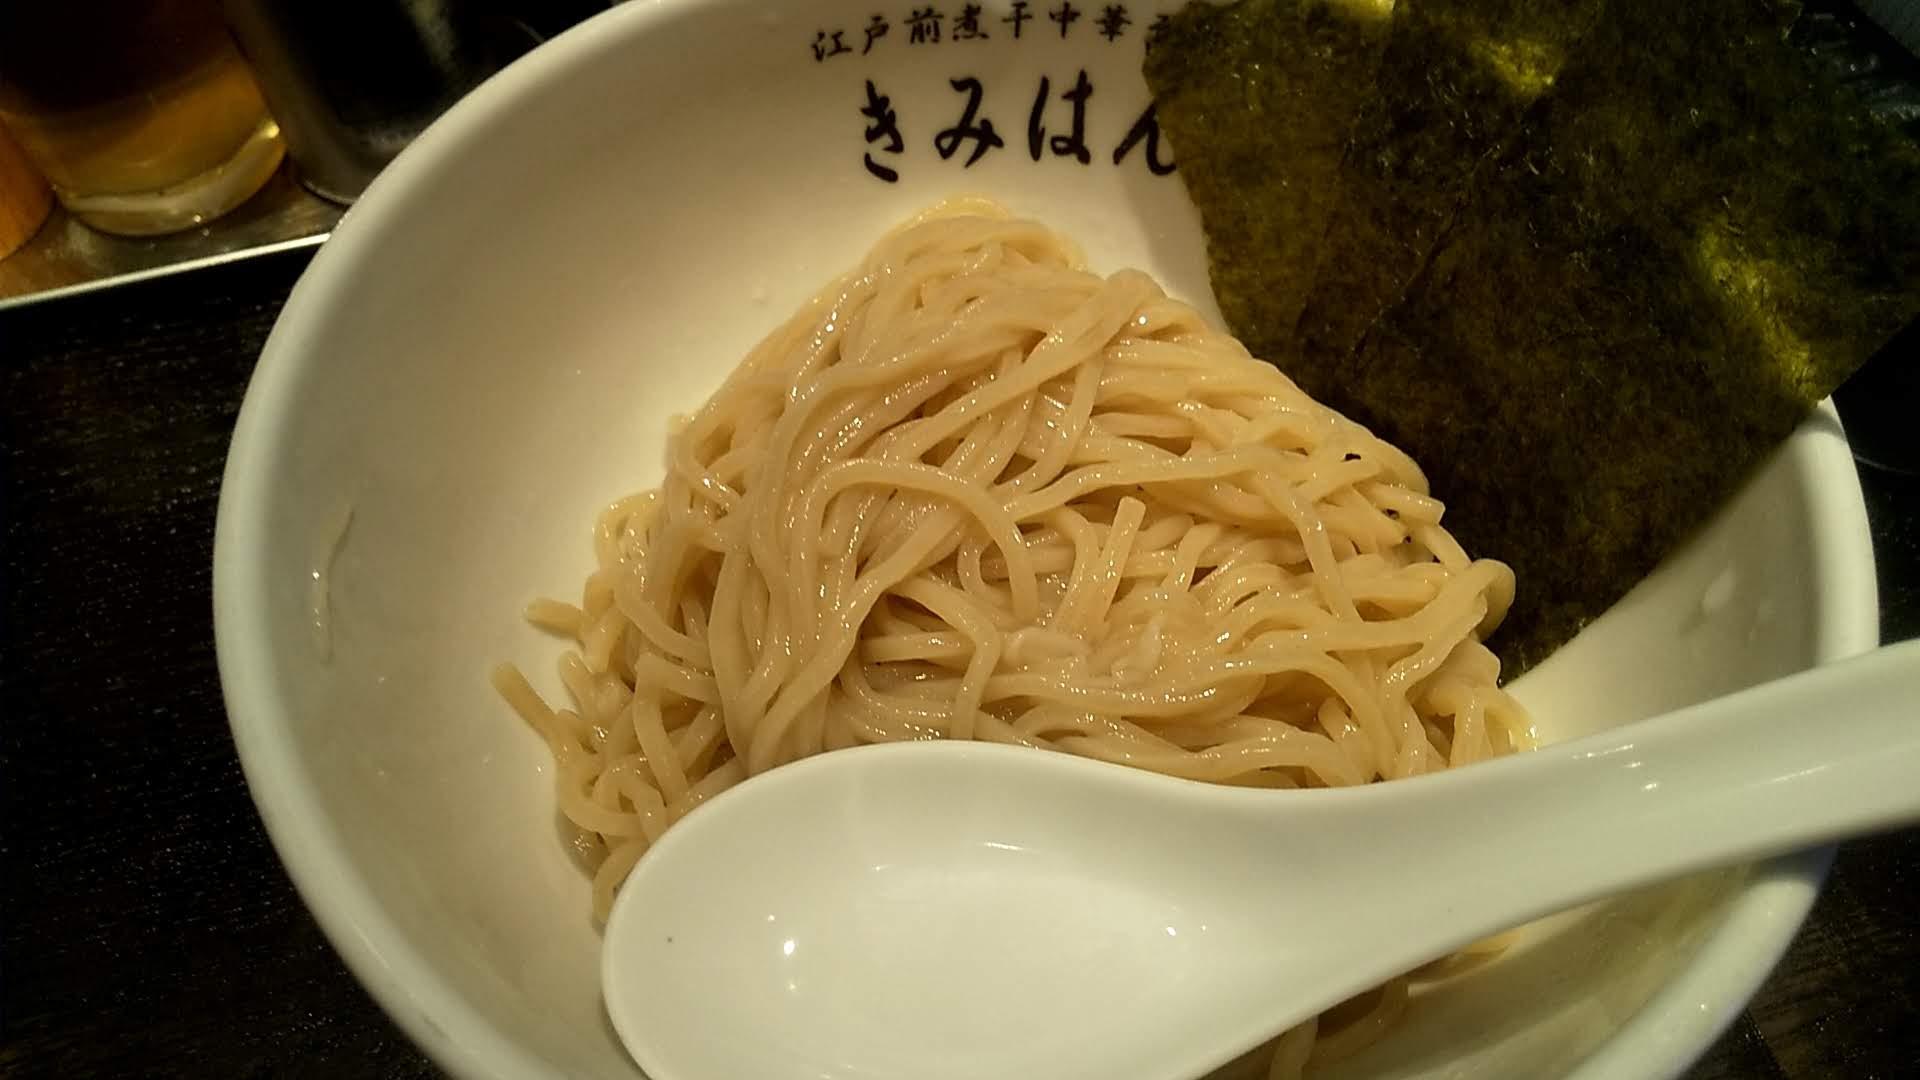 きみはん五反田店の梅薫煮干しつけ麺の麺皿の写真